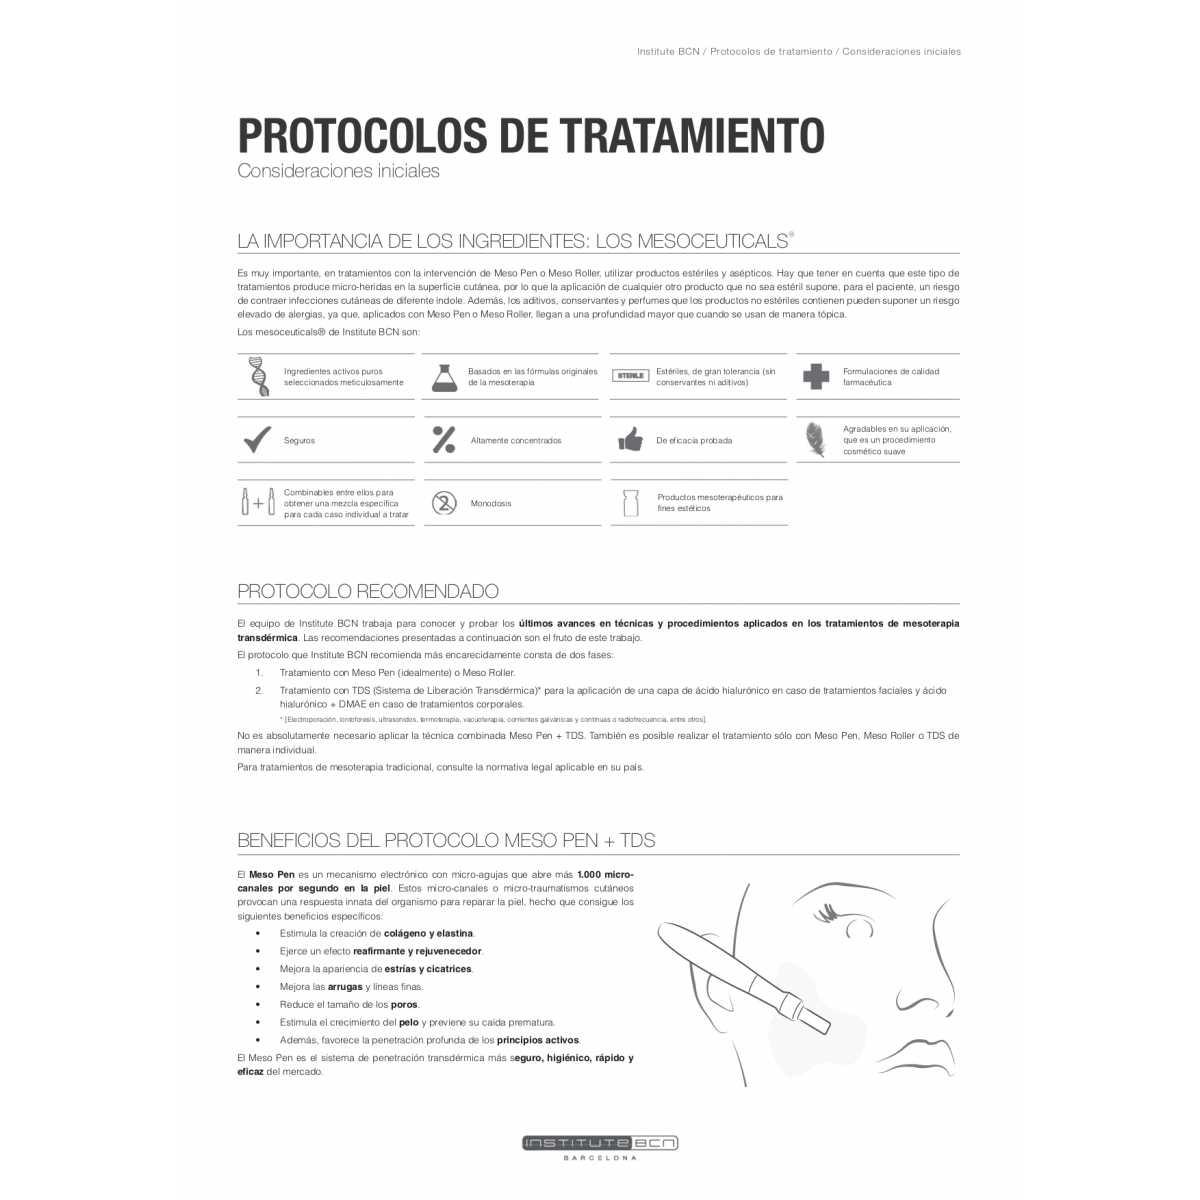 Fosfatidilcolina - Soluzione Lipolitica - Principi attivi - Institute BCN